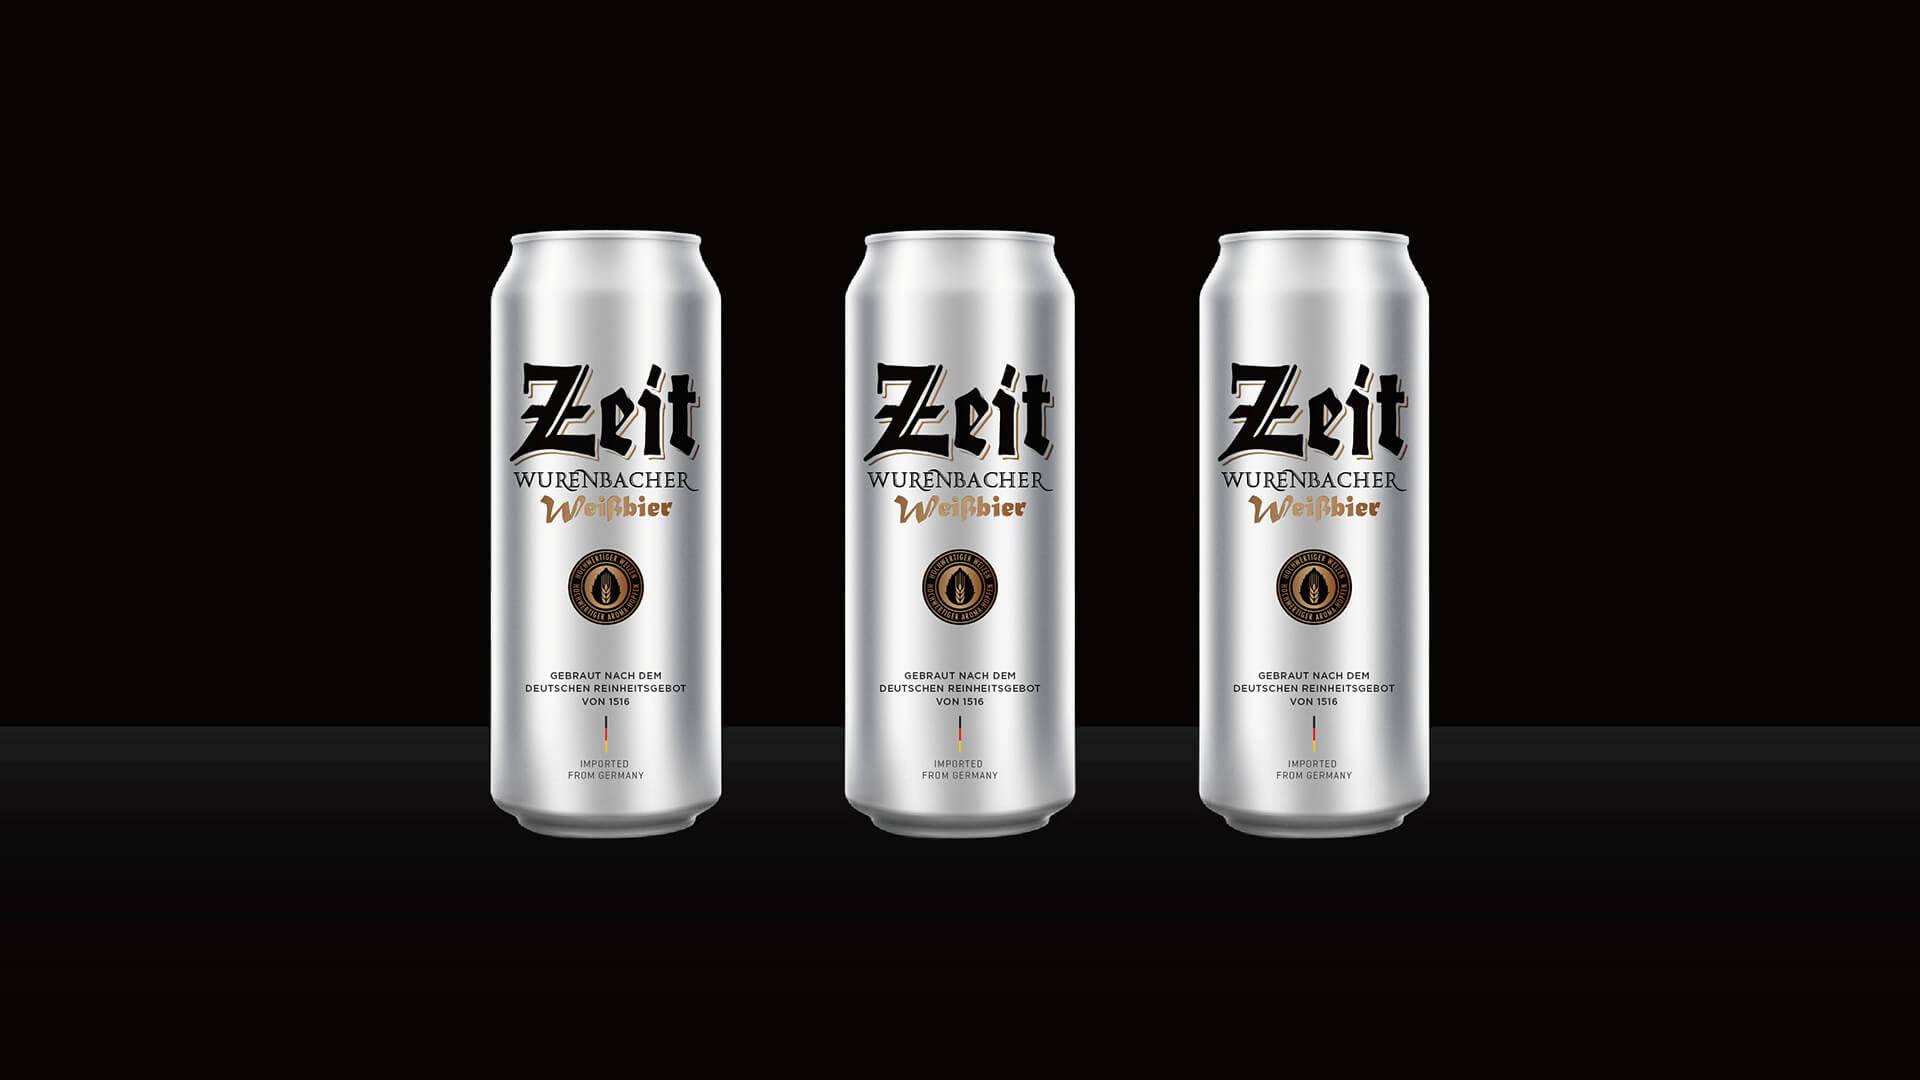 Zeit啤酒包装设计